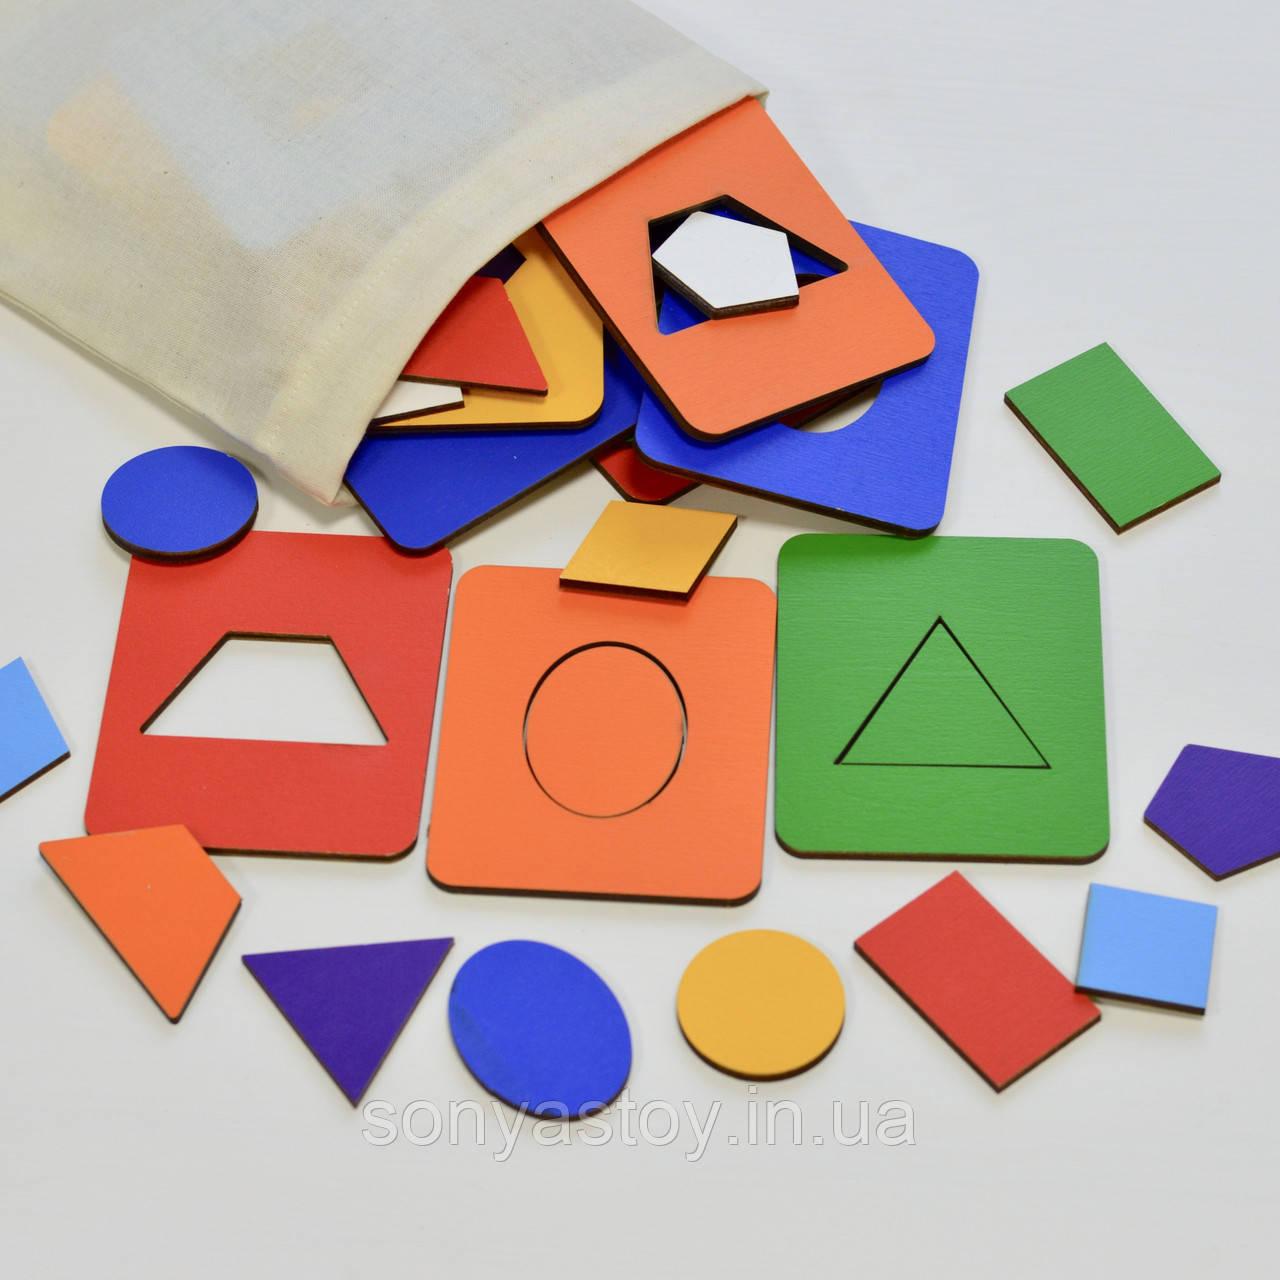 Игра Досочки Сегена Цветные в мешочке, на изучение геометрических форм, 2+, фото 1